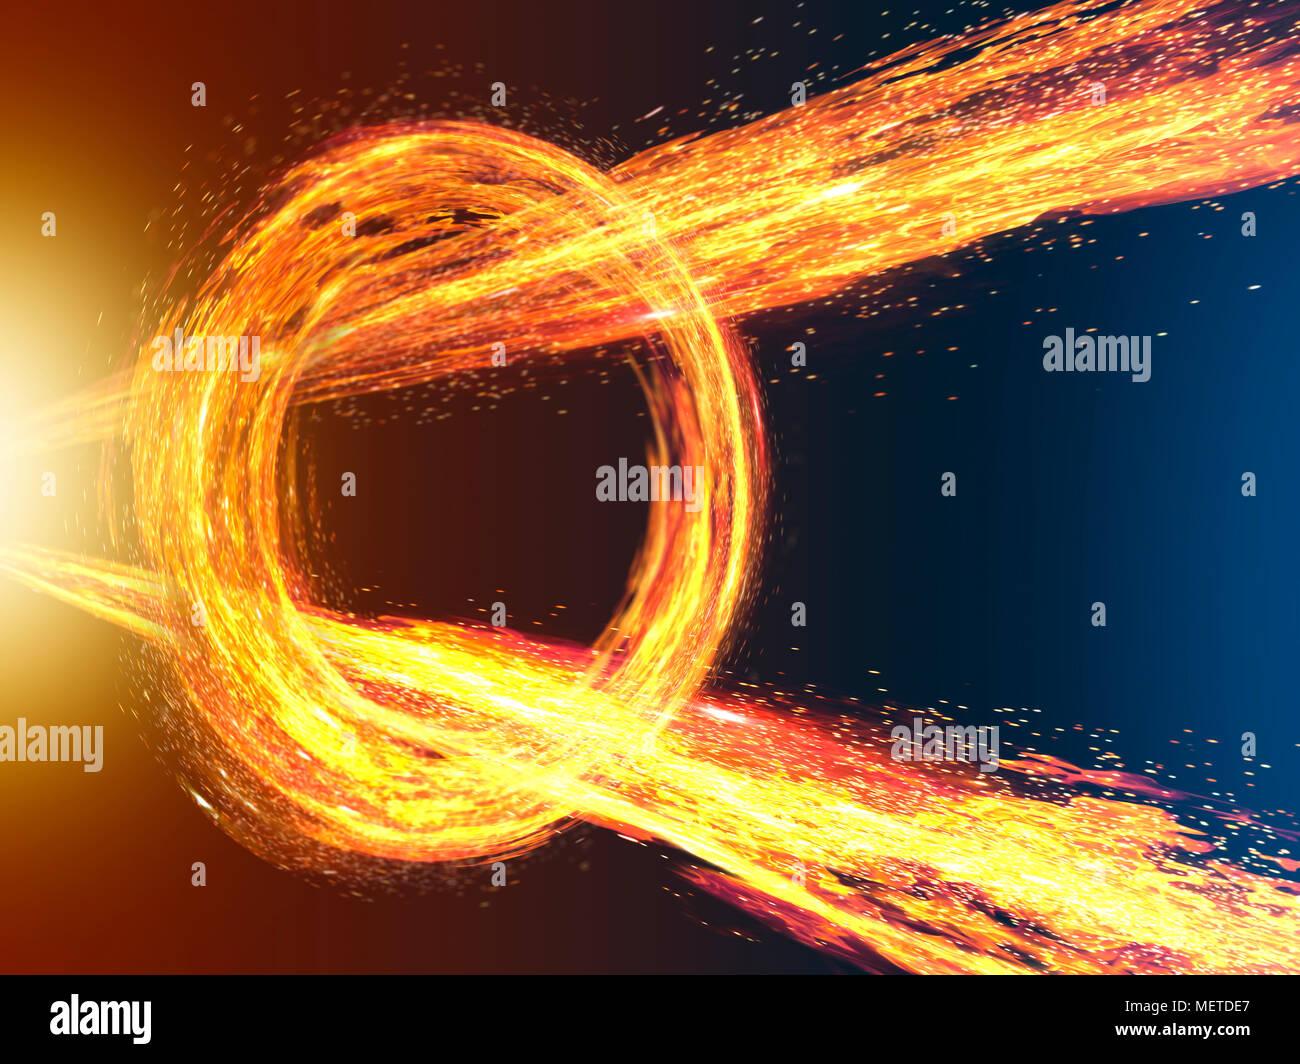 Strahlen Feuer Durchbruch Spinning Fire Ring Stockbild